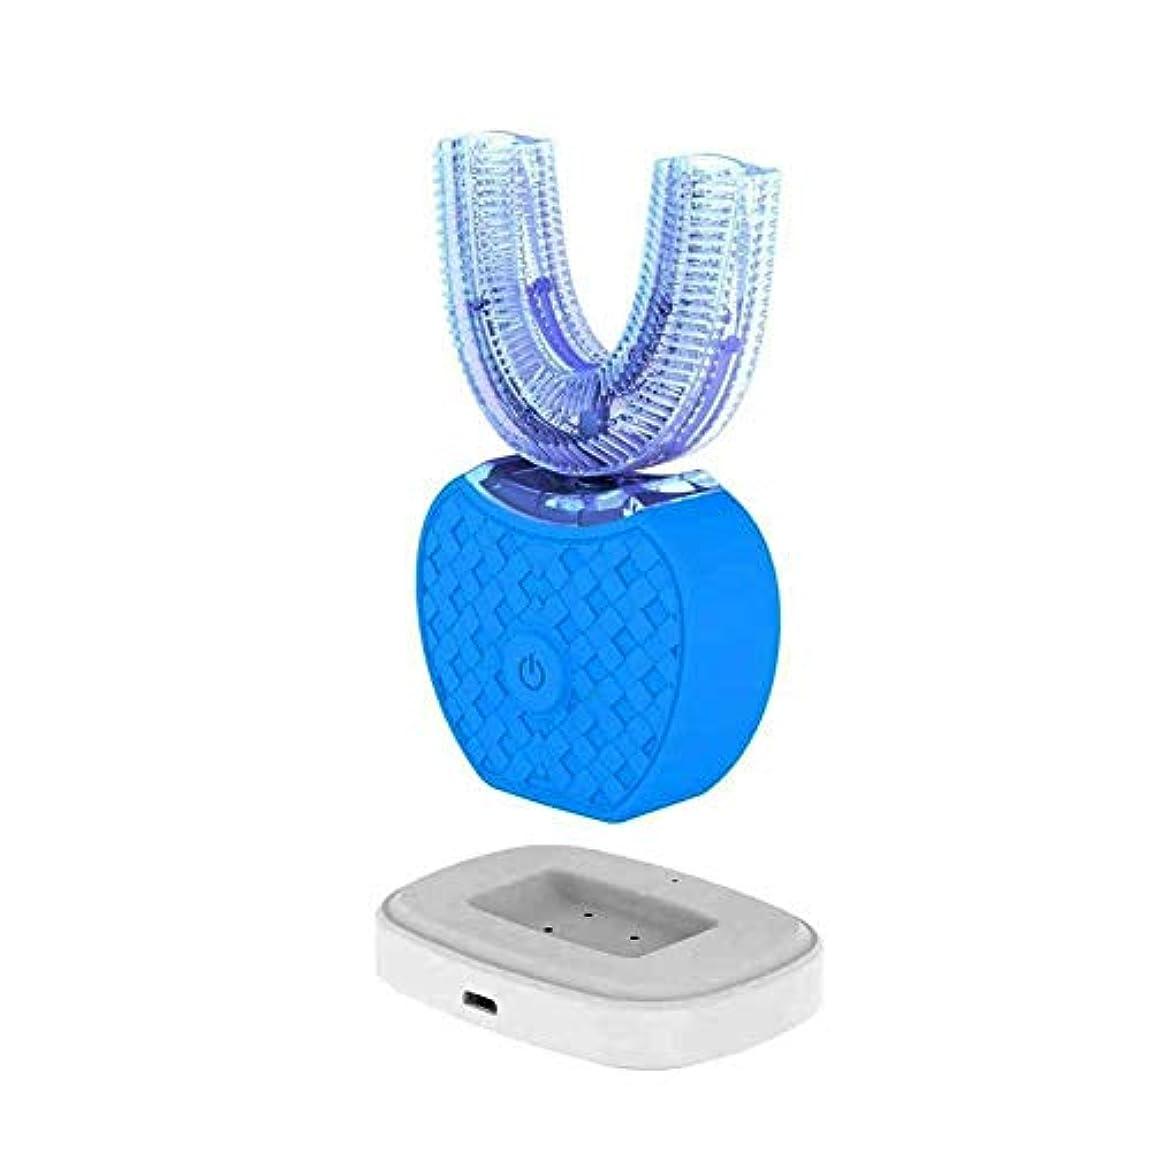 思われる最悪驚新しい電動歯ブラシ、V-white超音波歯ブラシは全自動で360°全方位で洗浄して、歯をきれいにして、歯茎をマッサージして、美白します。 (ブルー) [並行輸入品]